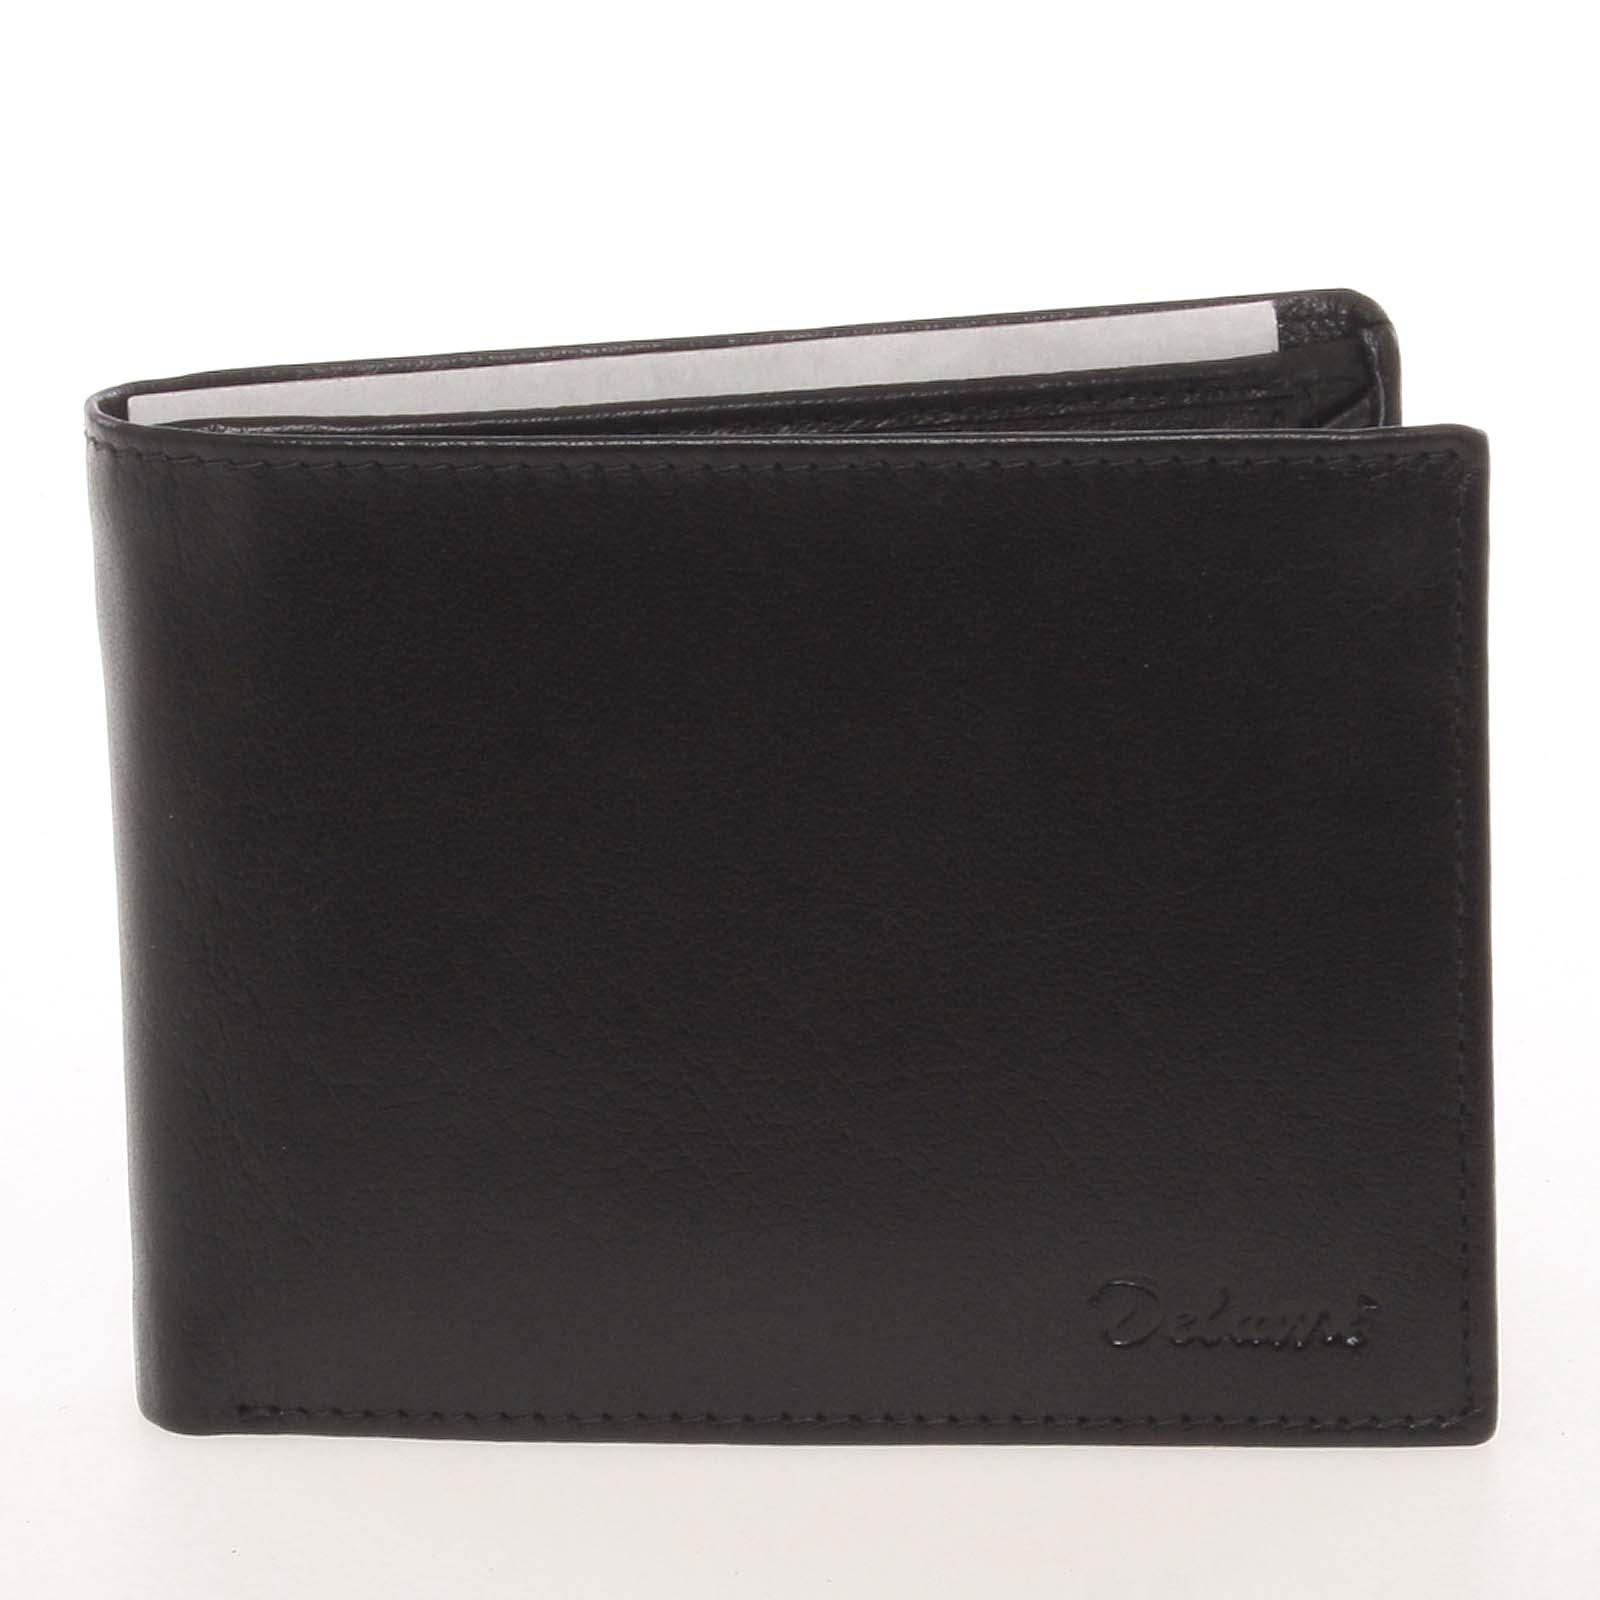 Pánska kožená čierna peňaženka - Delami Colbey čierna